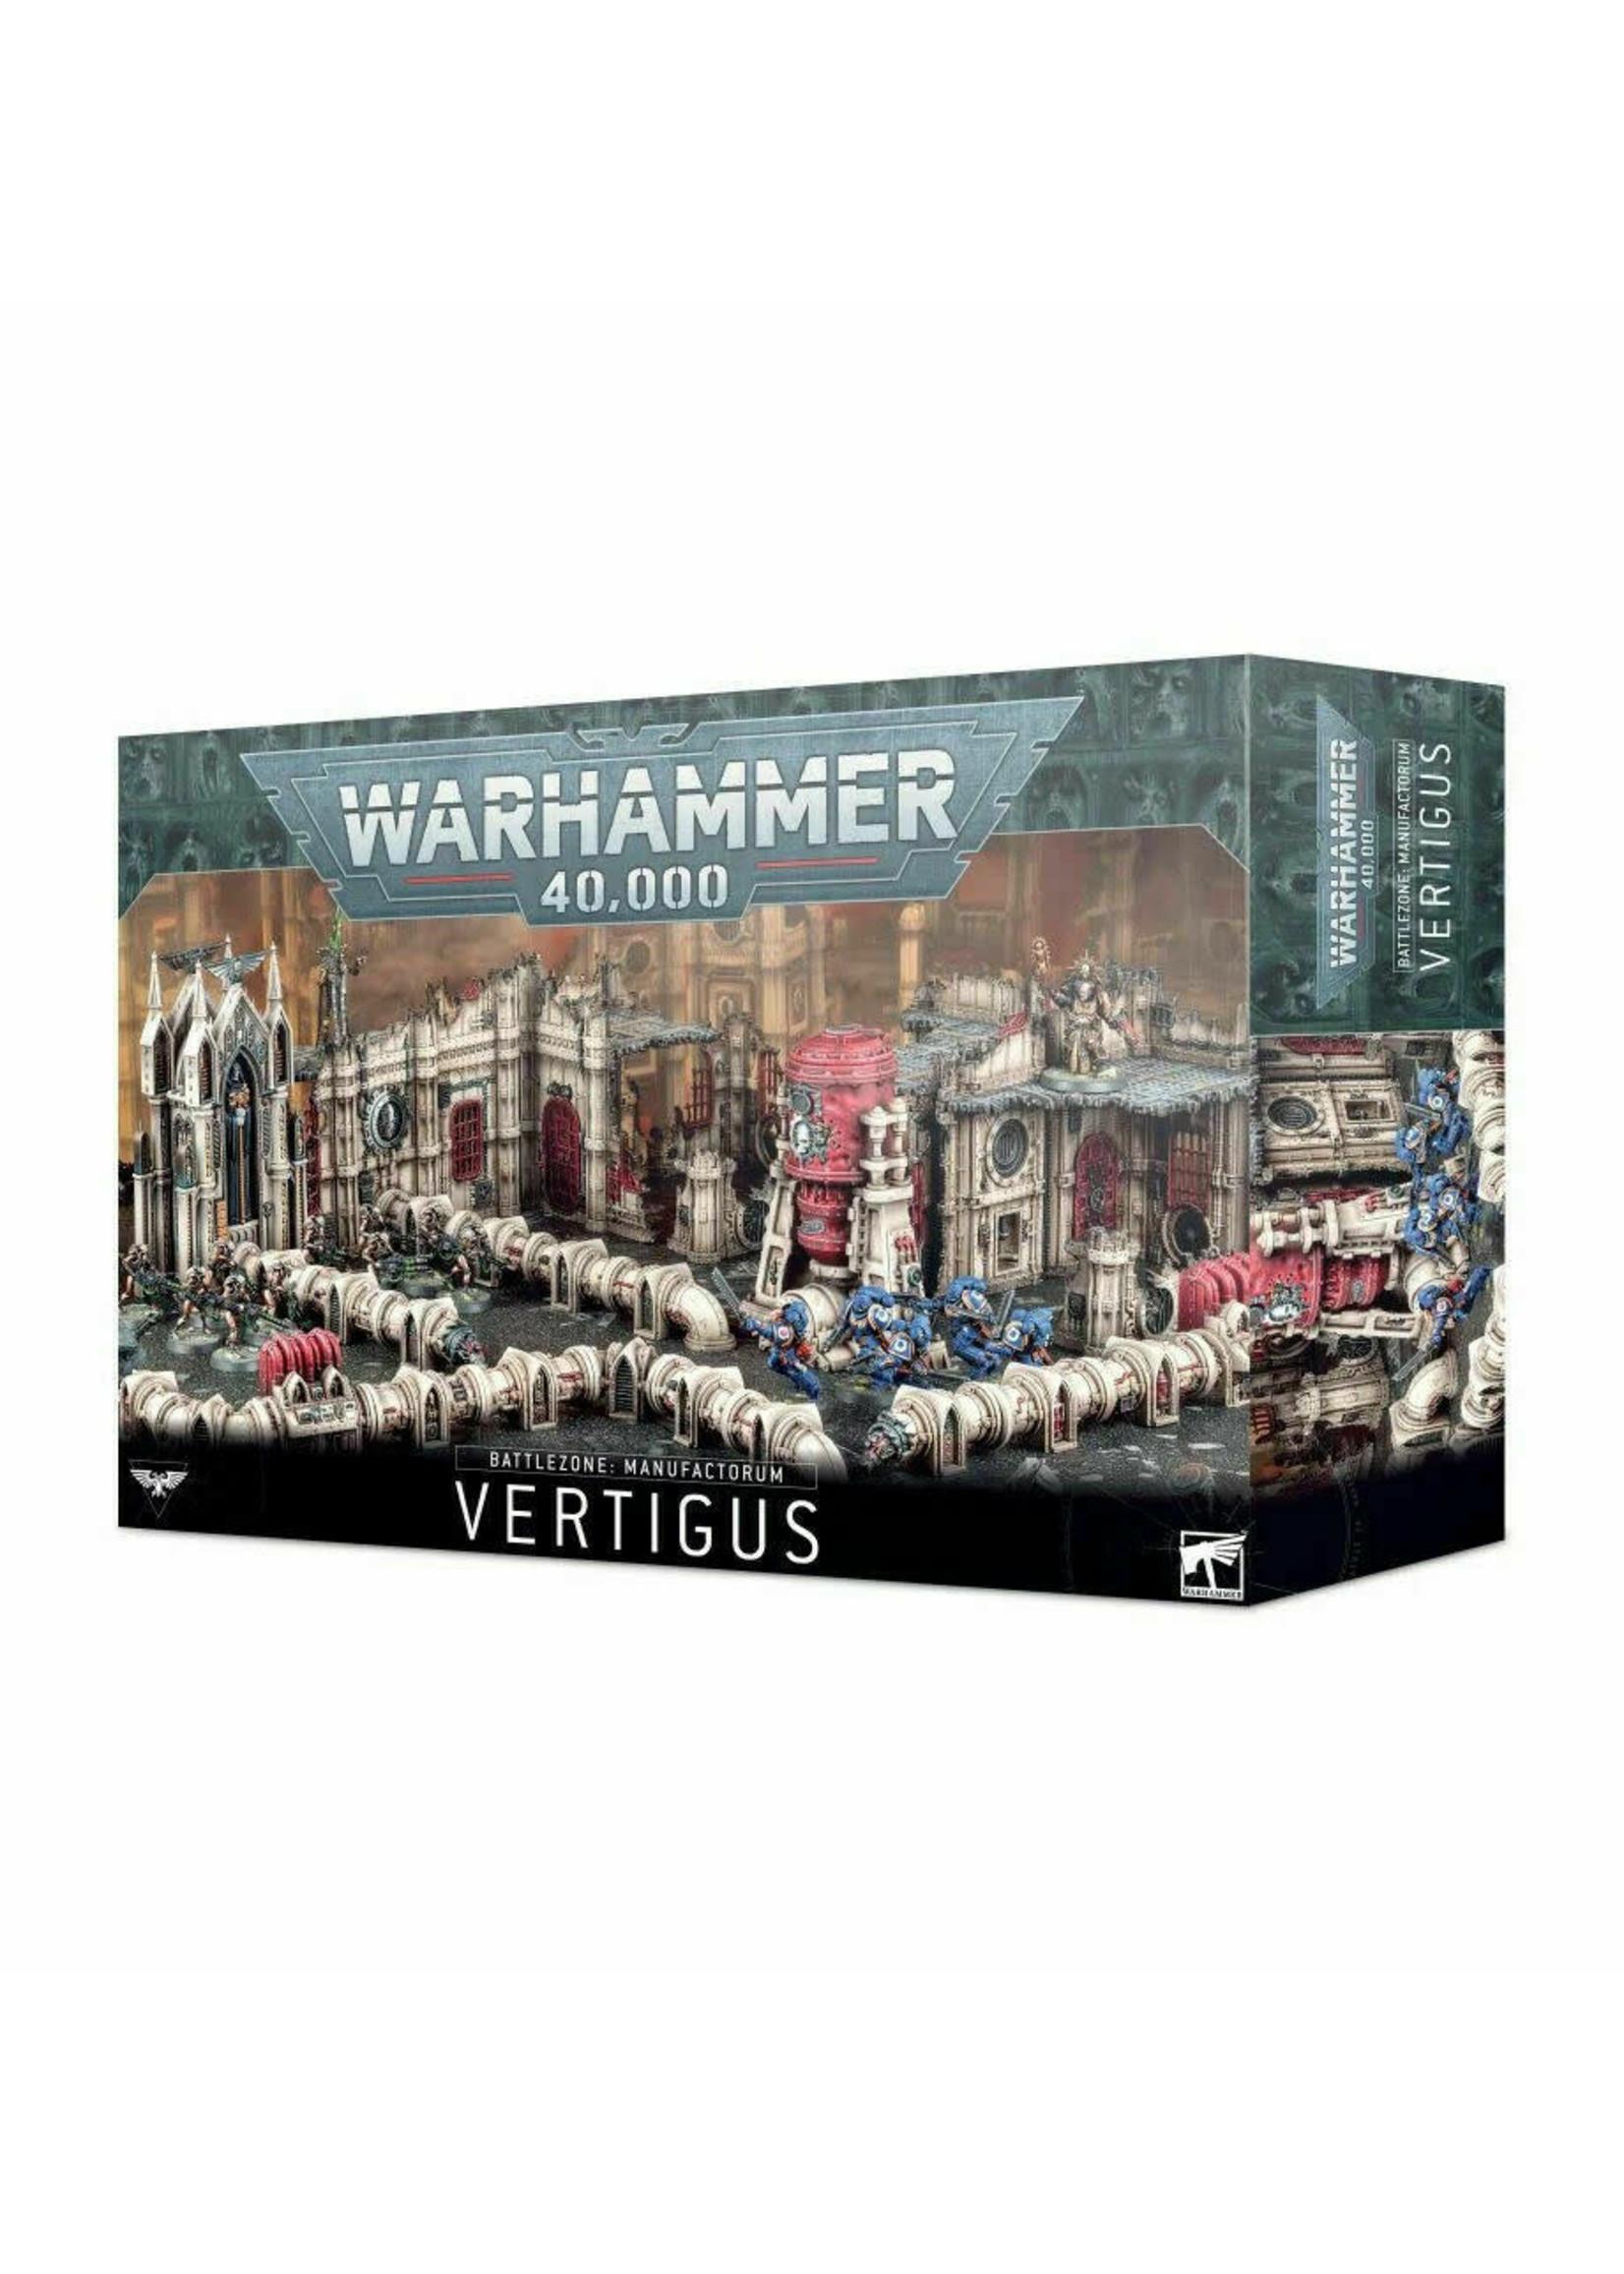 Warhammer: 40K Warhammer 40K: Battlezone Manufactorum Vertigus